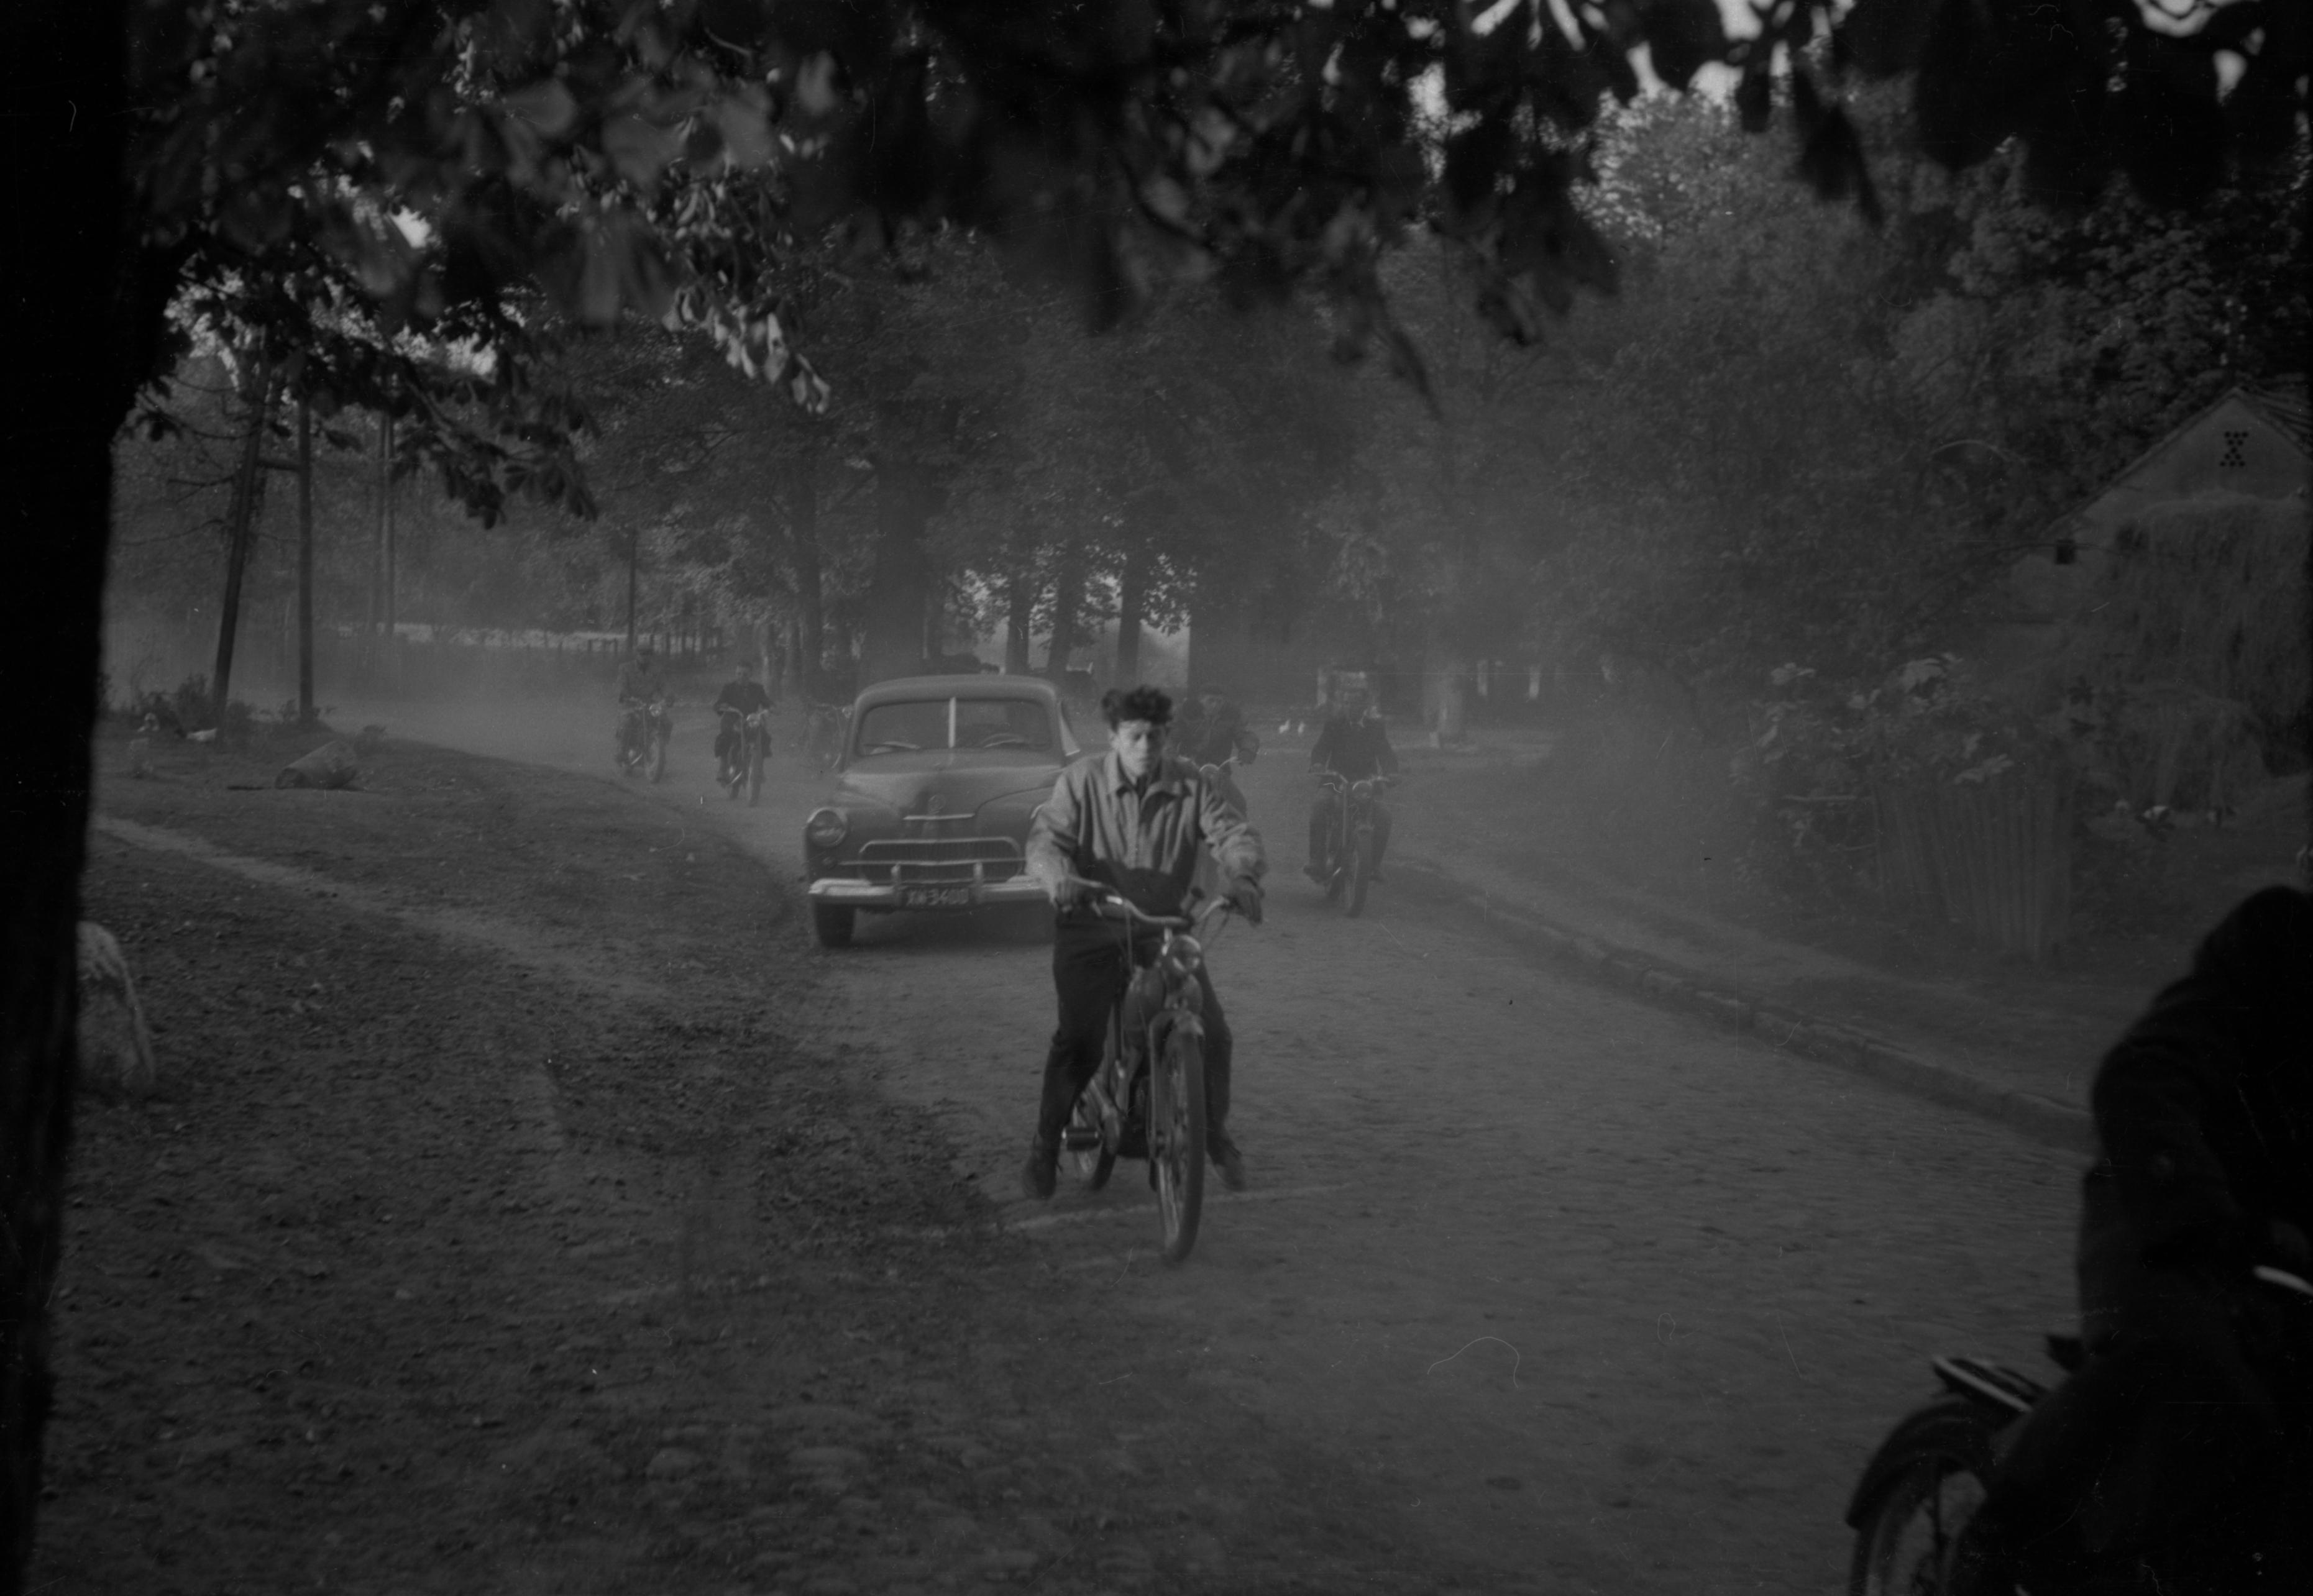 Lokalne wyścigi motocyklów, Dolny Śląsk, 2. poł. XX w.